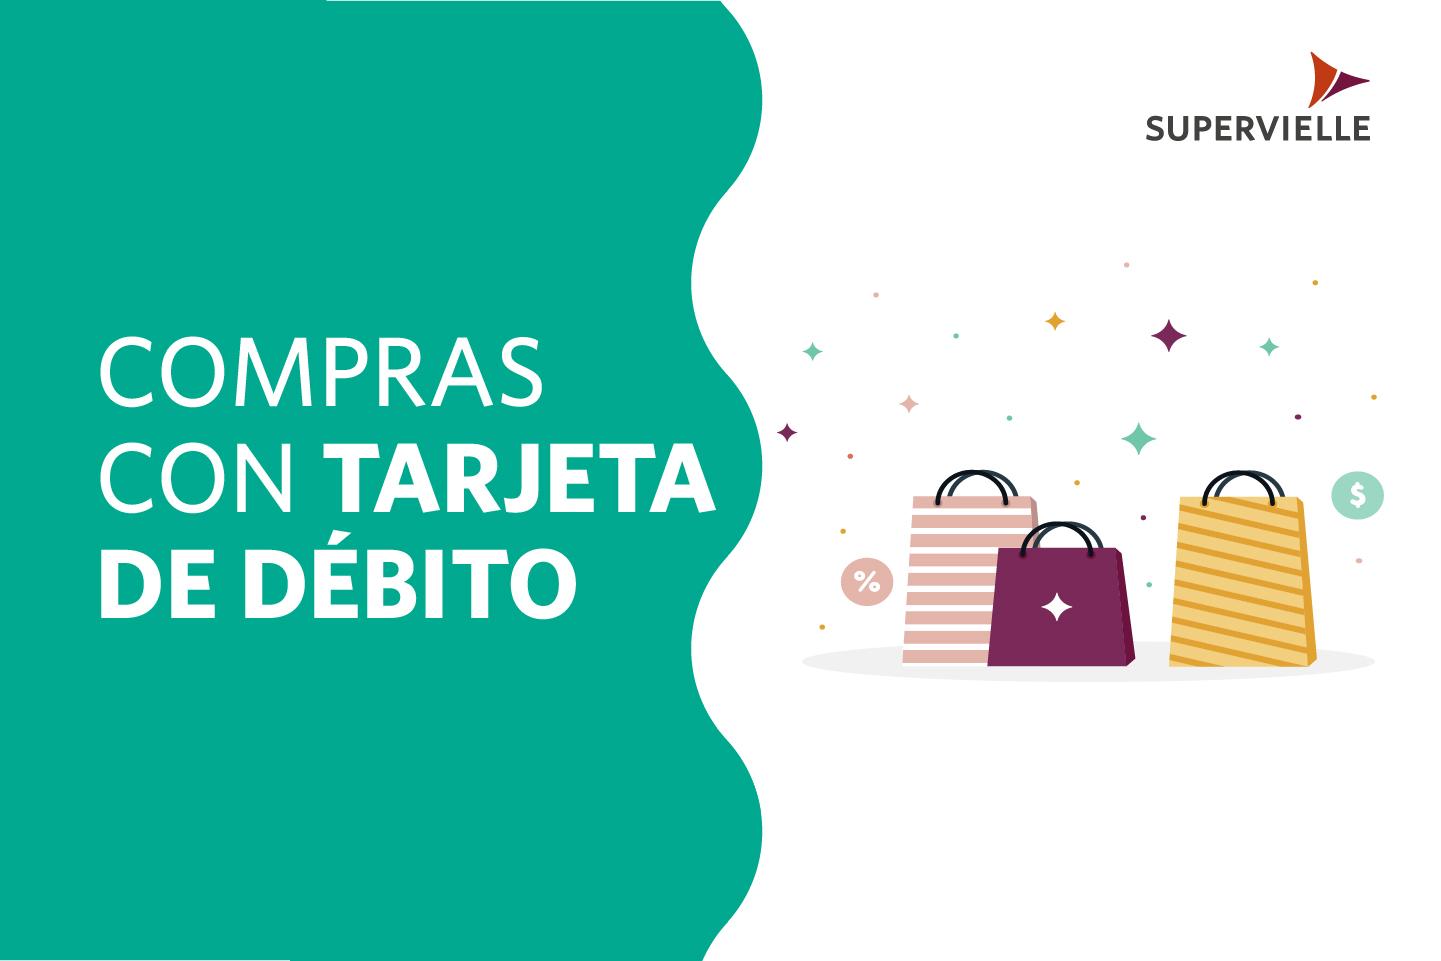 Cómo comprar con tu Tarjeta Supervielle de débito.